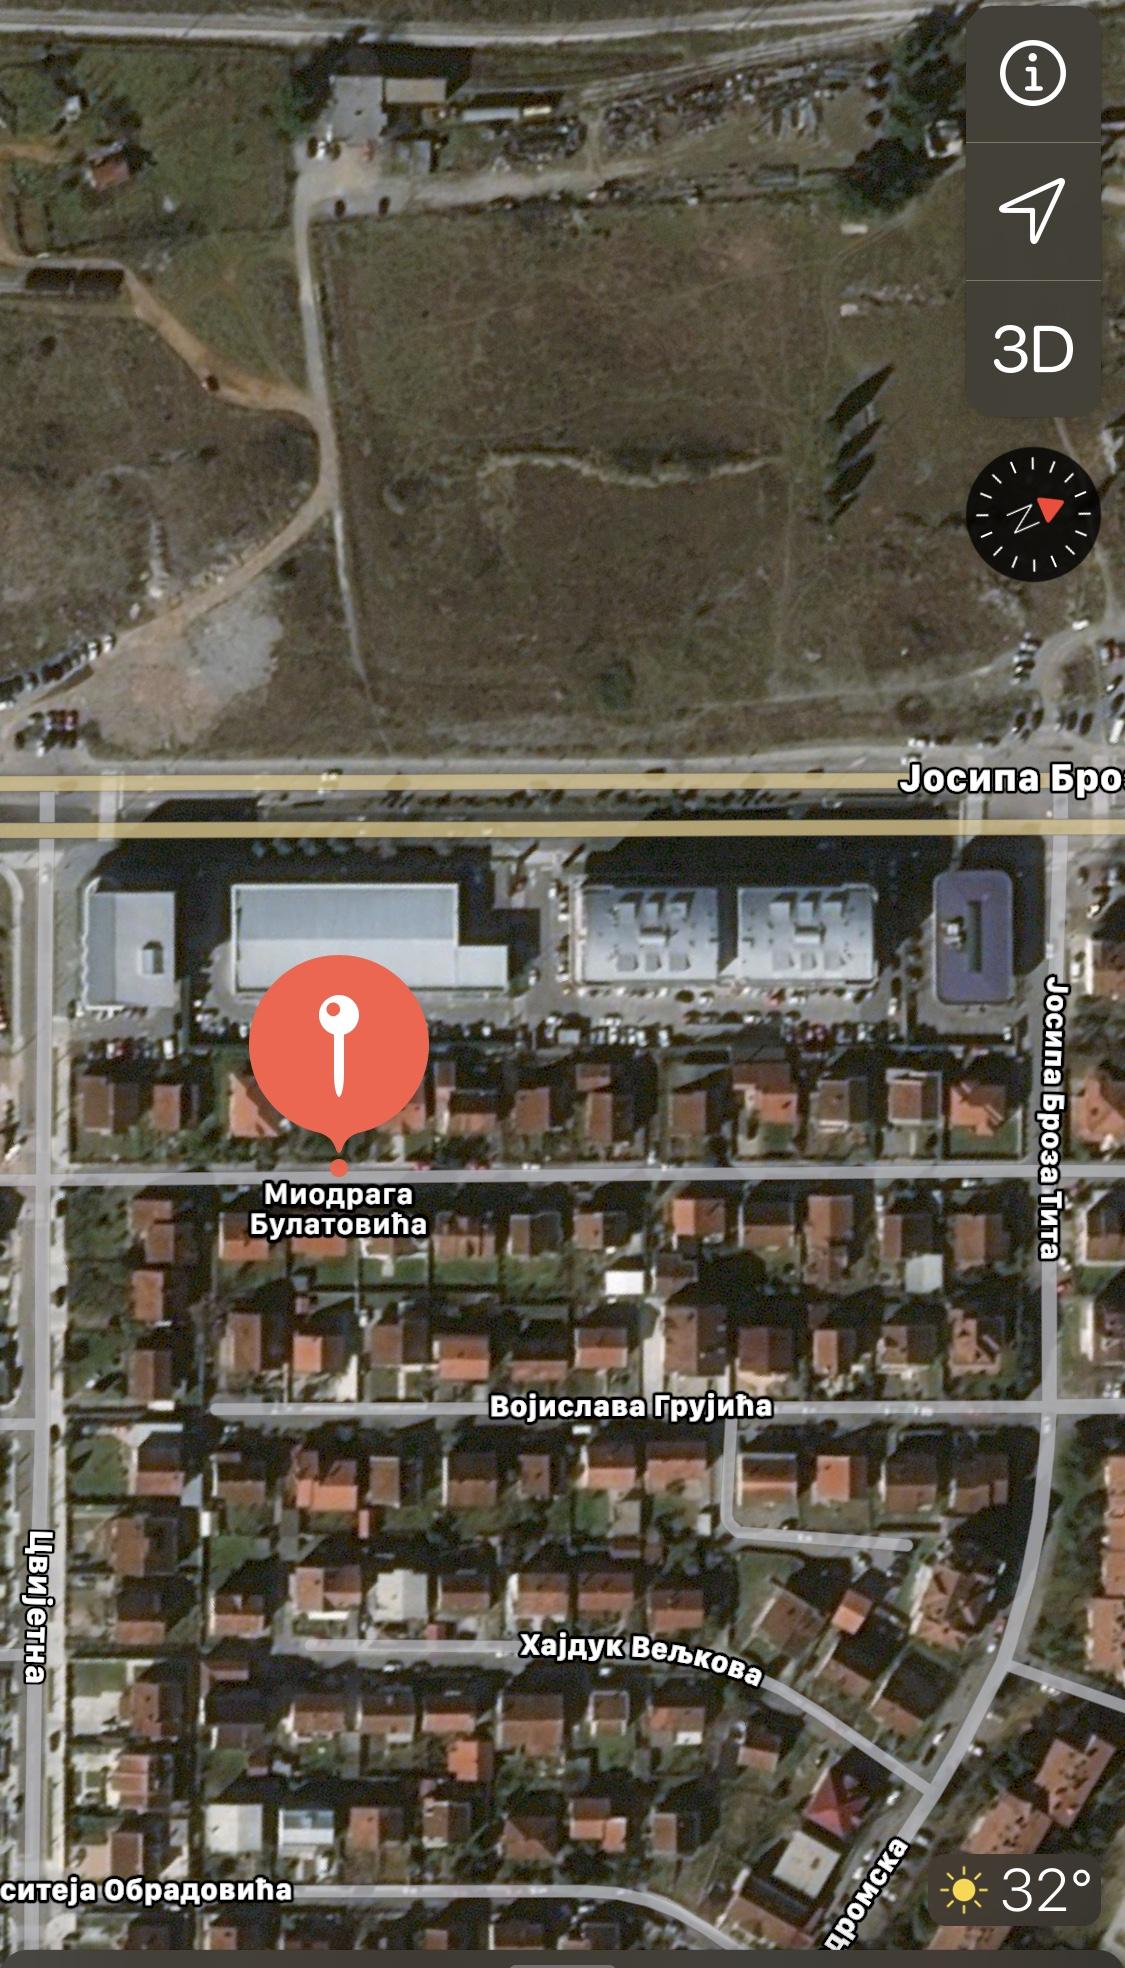 Uskoro počinje rekonstrukcija drugog dijela Ulice Miodraga Bulatovića na Starom aerodromu